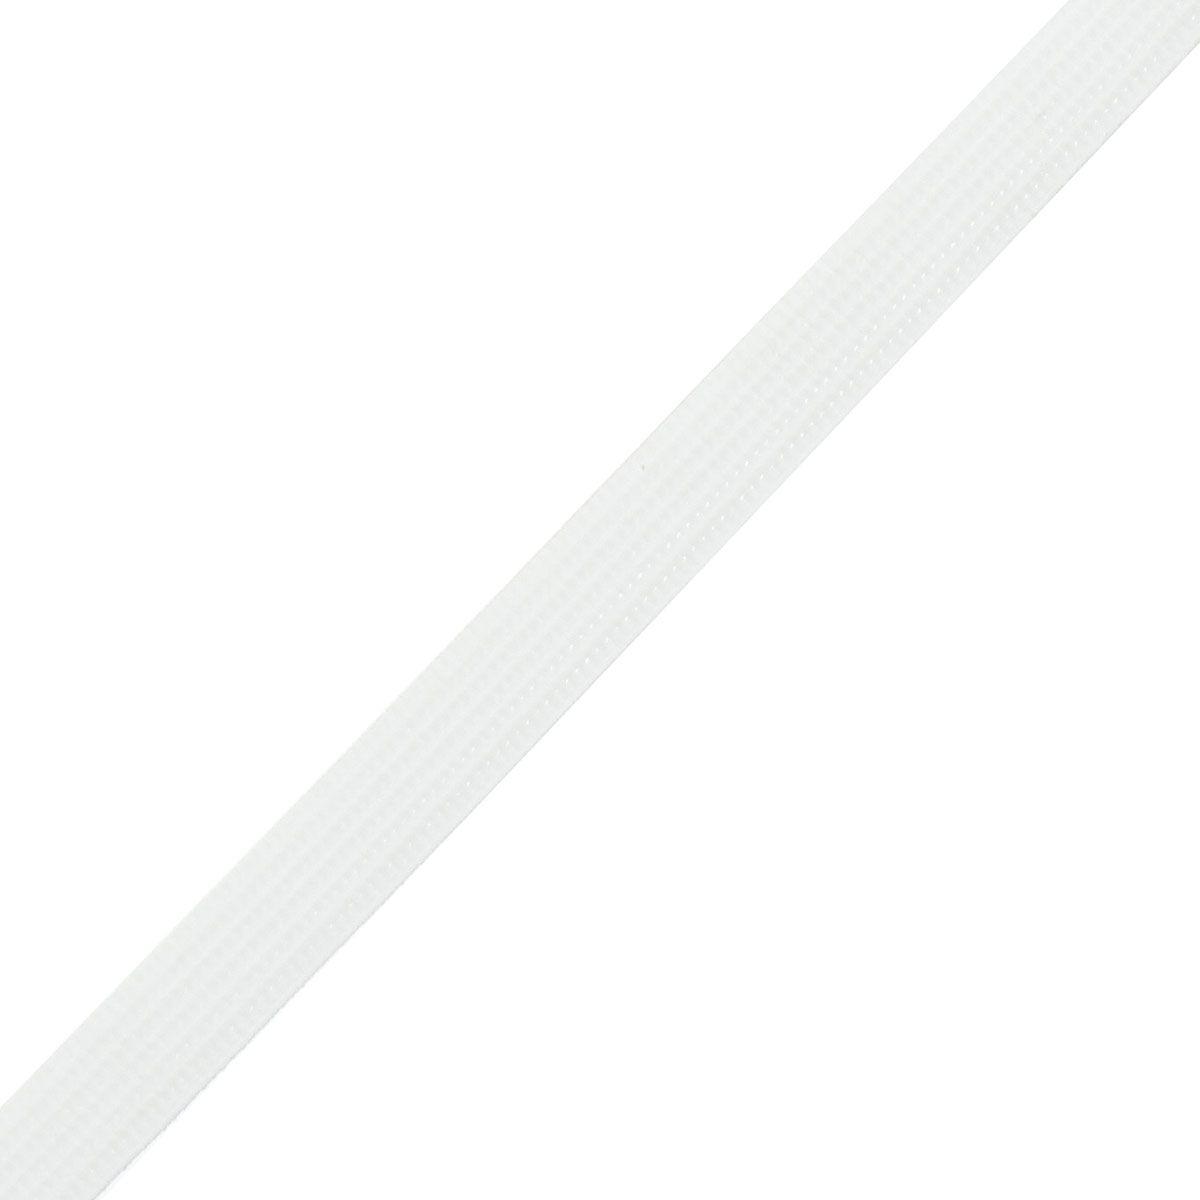 Baleine rigilène 8 mm de large au mètre - Blanc